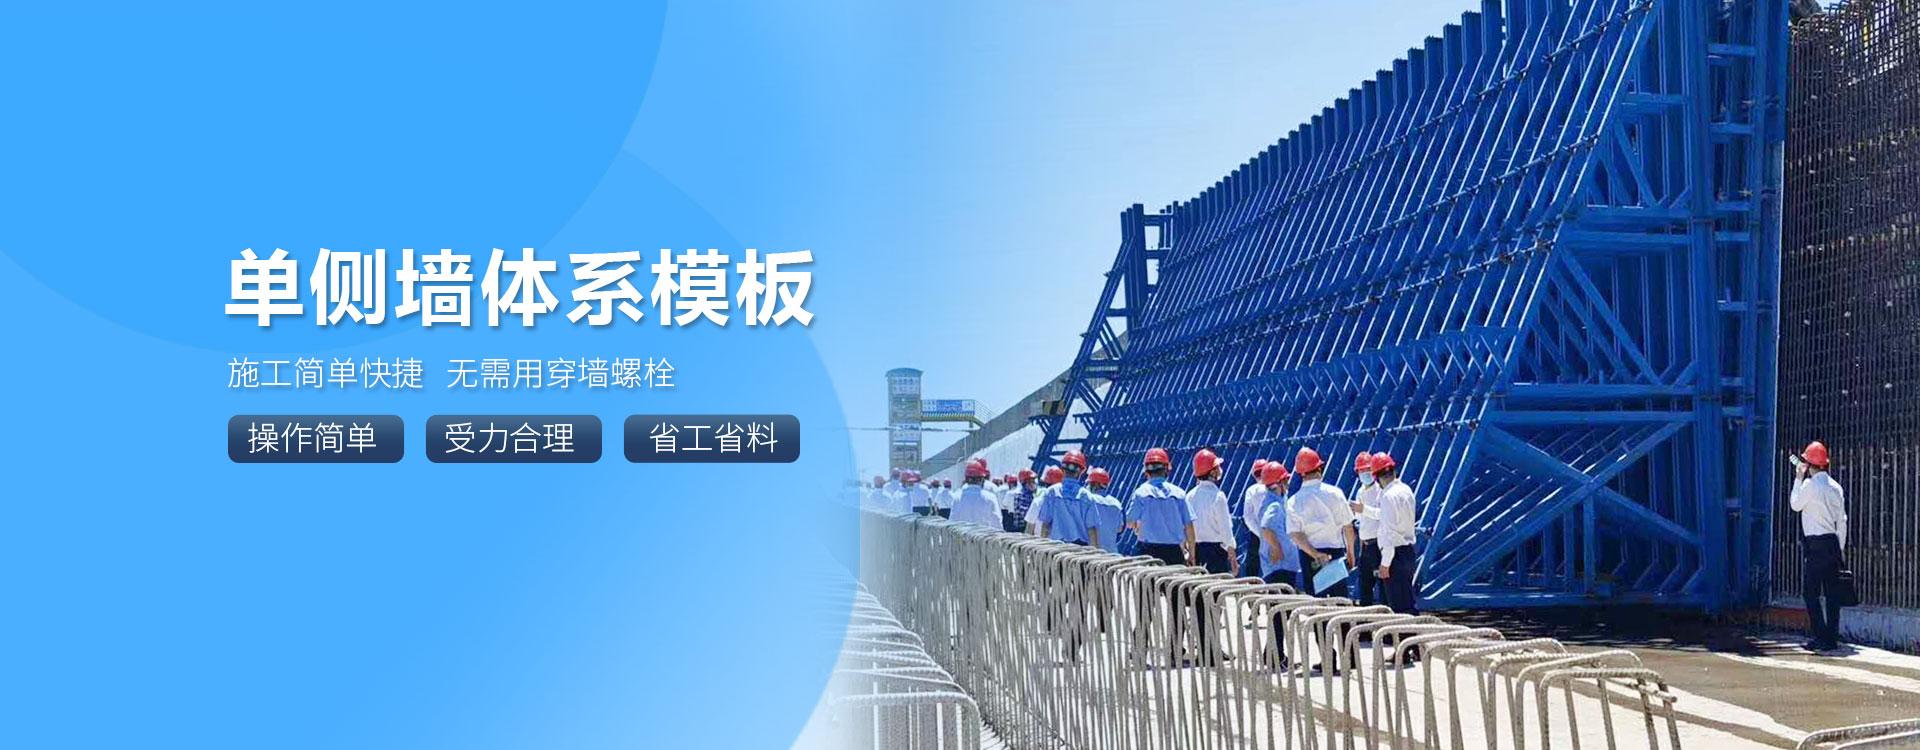 安徽晟建亚虎app官方下载有限公司